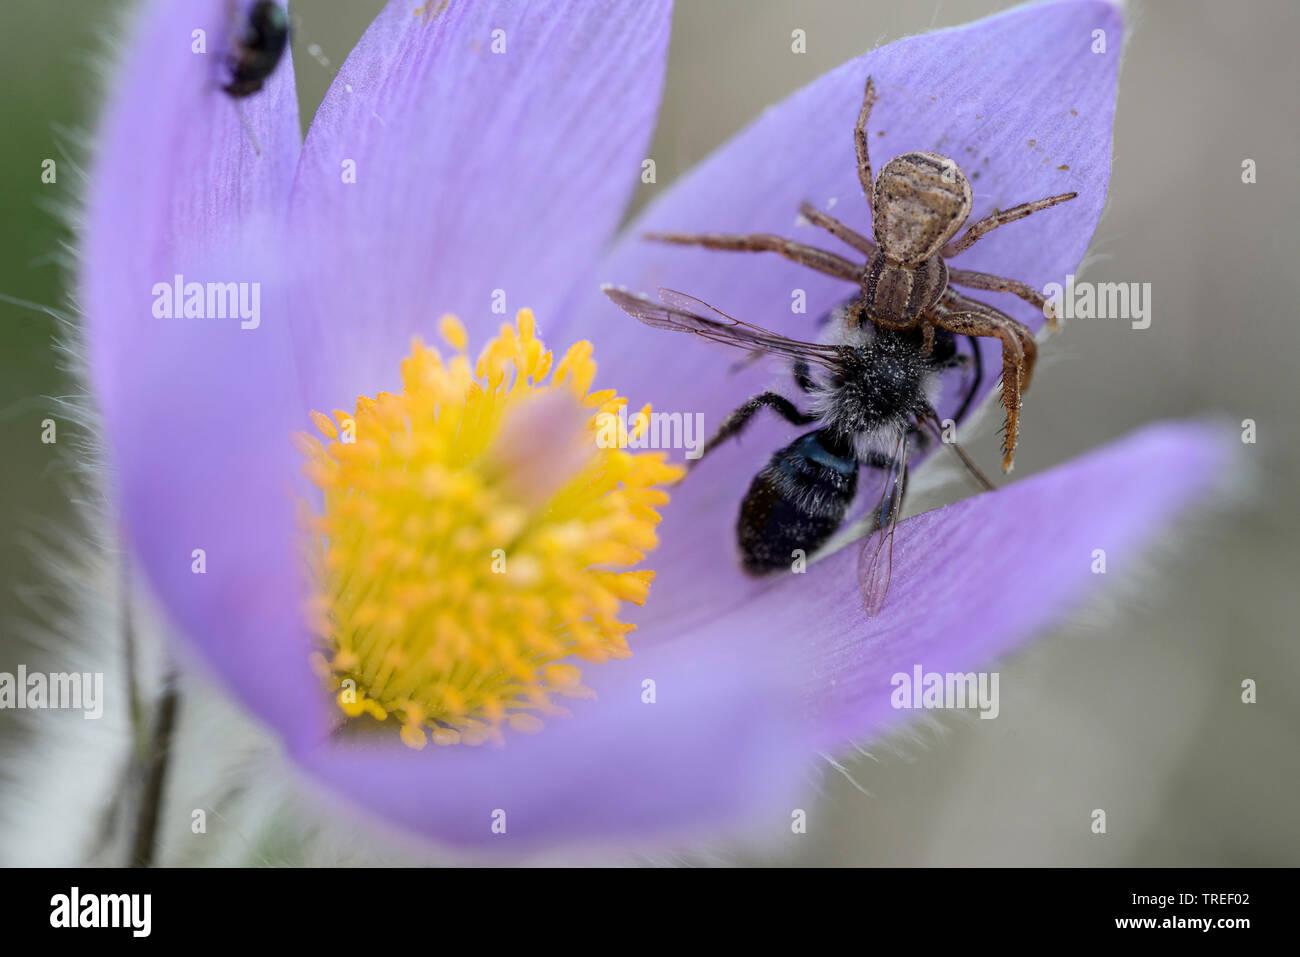 Braune Krabbenspinne, Busch-Krabbenspinne, Buschkrabbenspinne (Xysticus cristatus), mit gefangener Wildbiene auf Kuechenschellenbluete, Deutschland, B - Stock Image